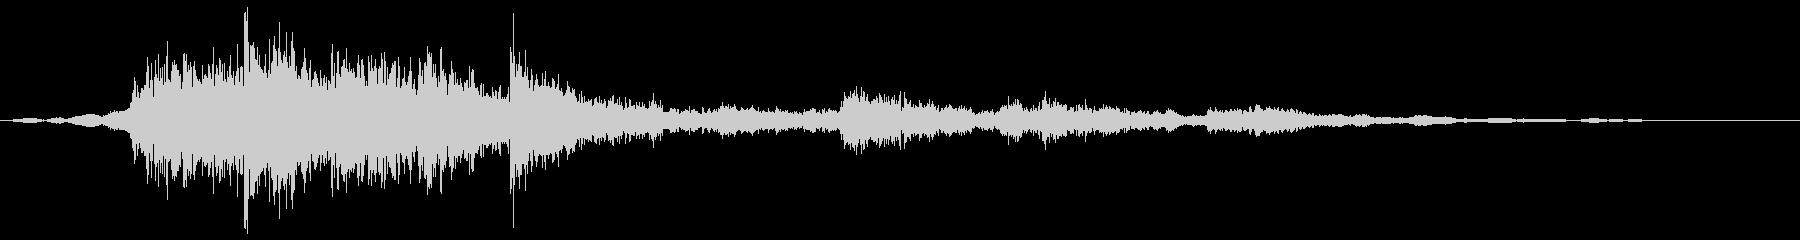 パシャン(お風呂のお湯を手でかける音)の未再生の波形